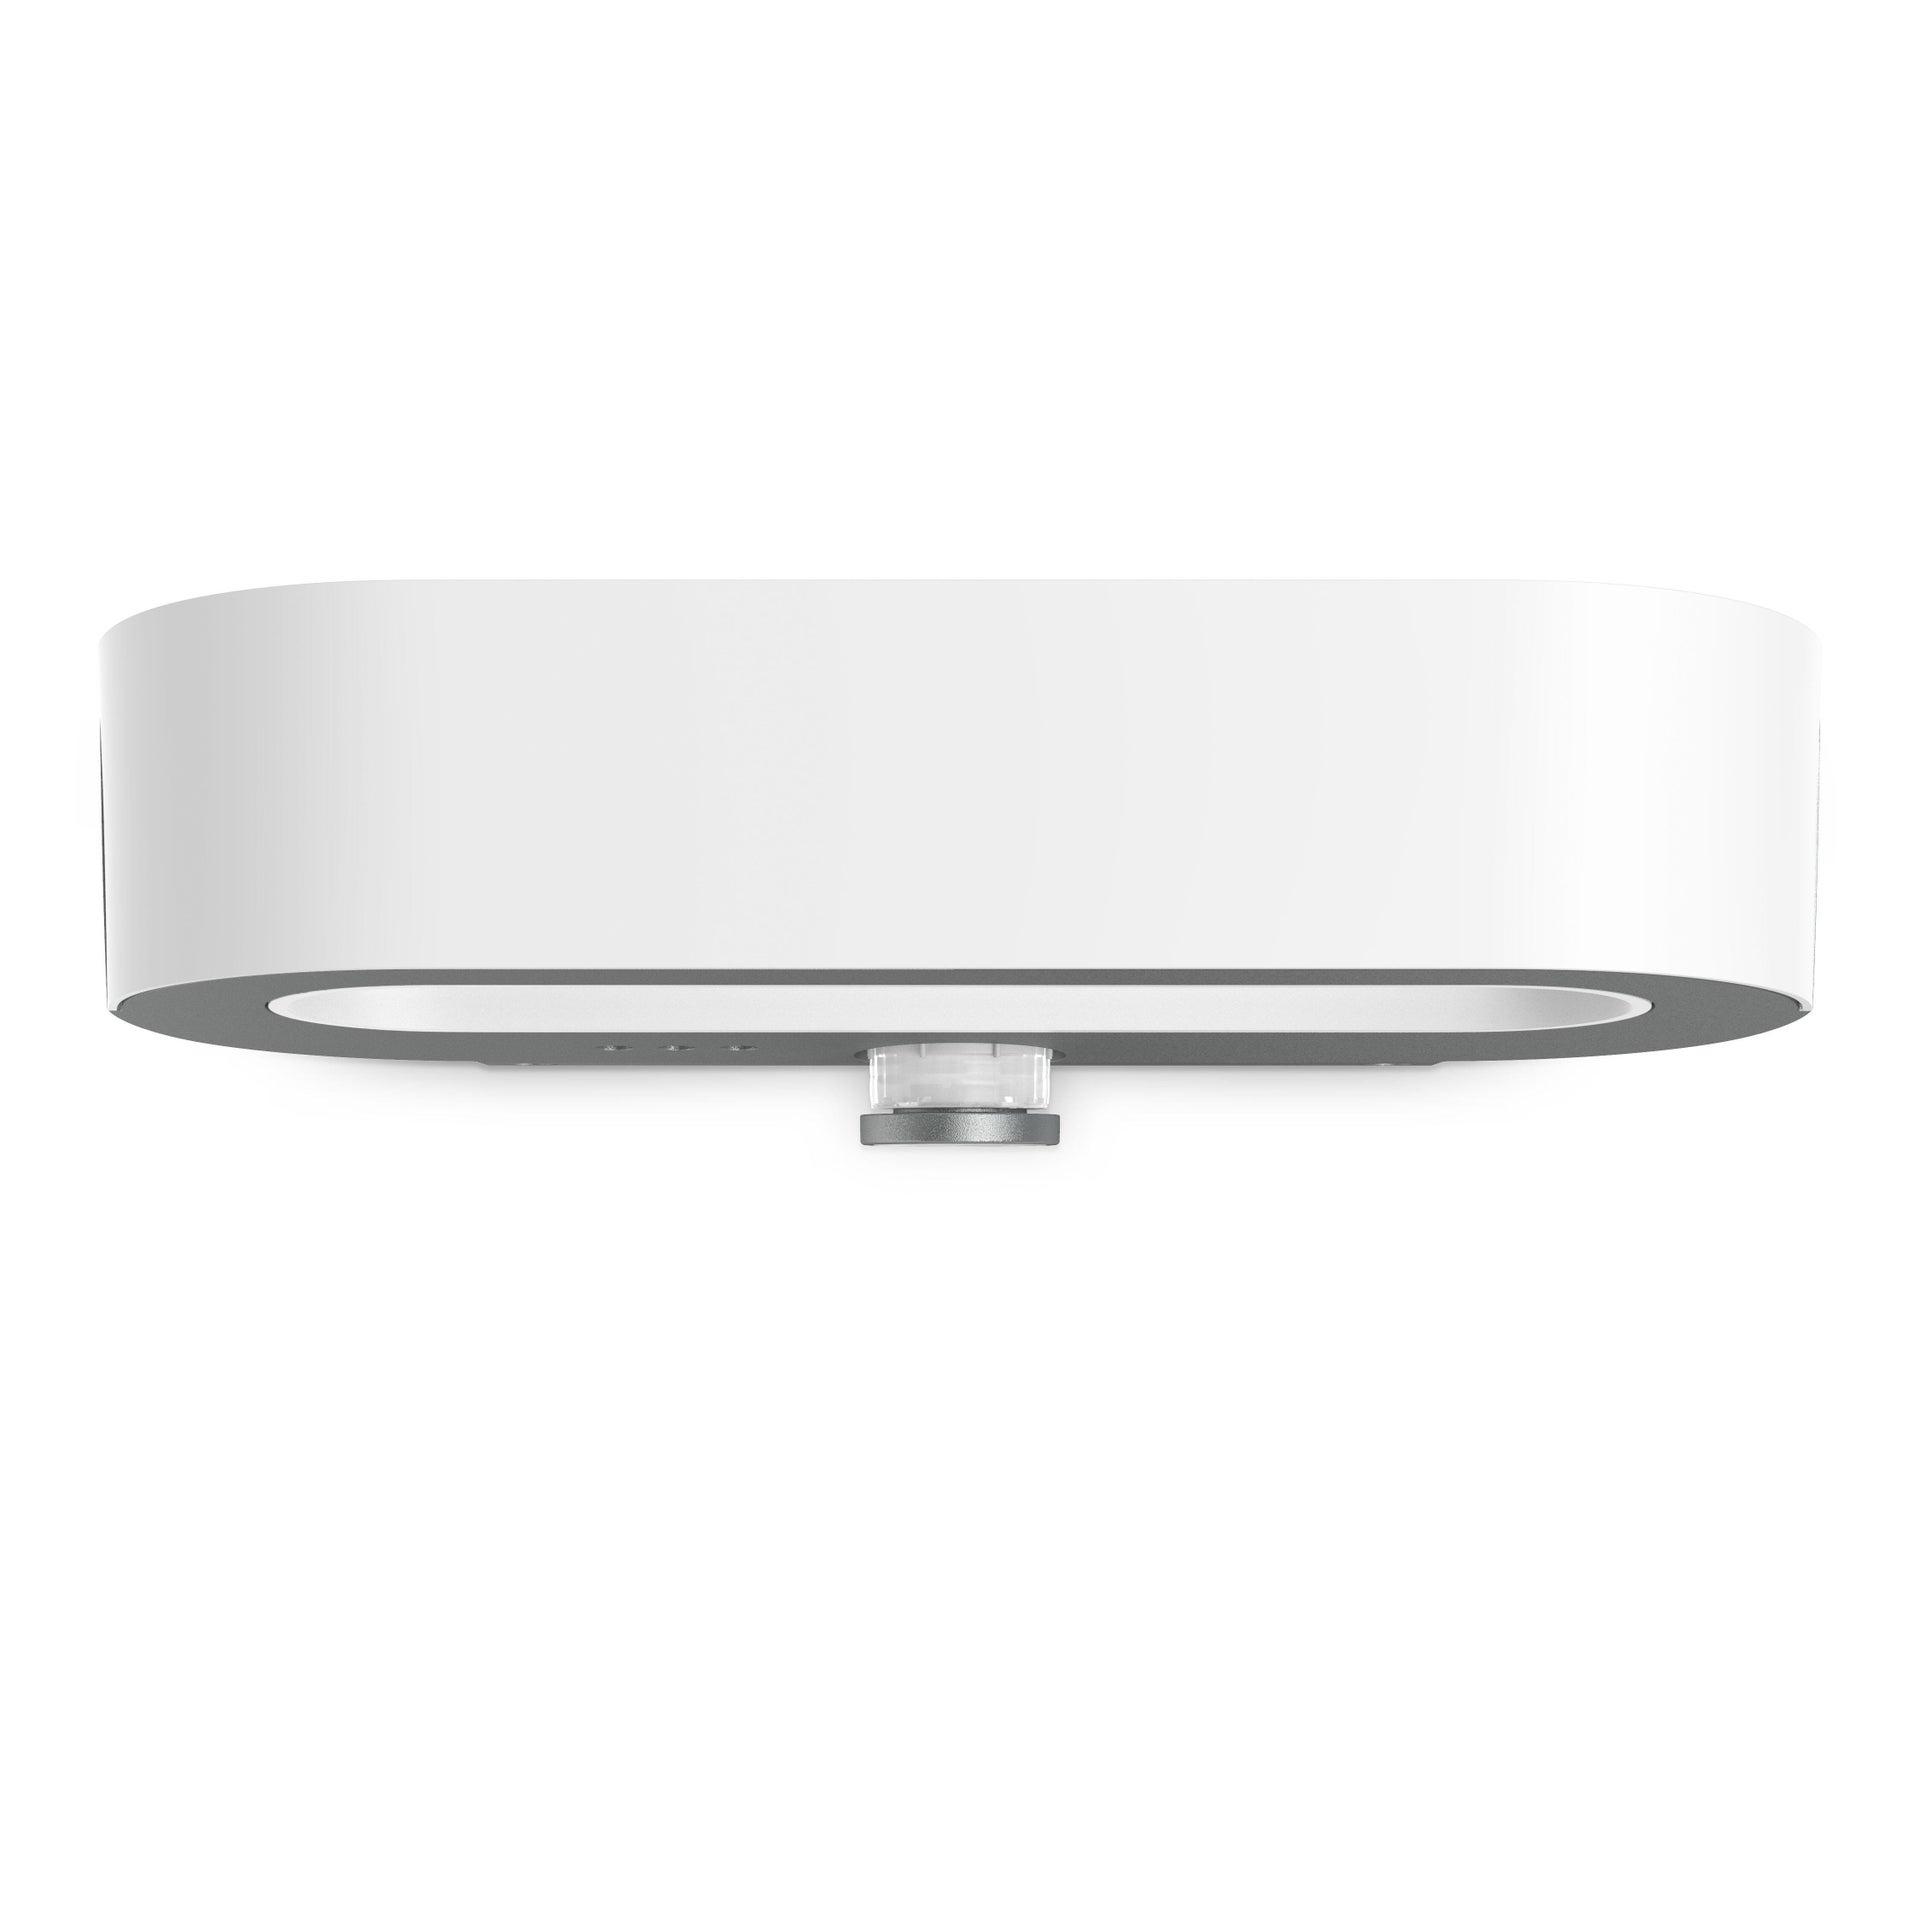 Applique L 710 LED integrato con sensore di movimento, antracite, 8.6W 670LM IP54 STEINEL - 3